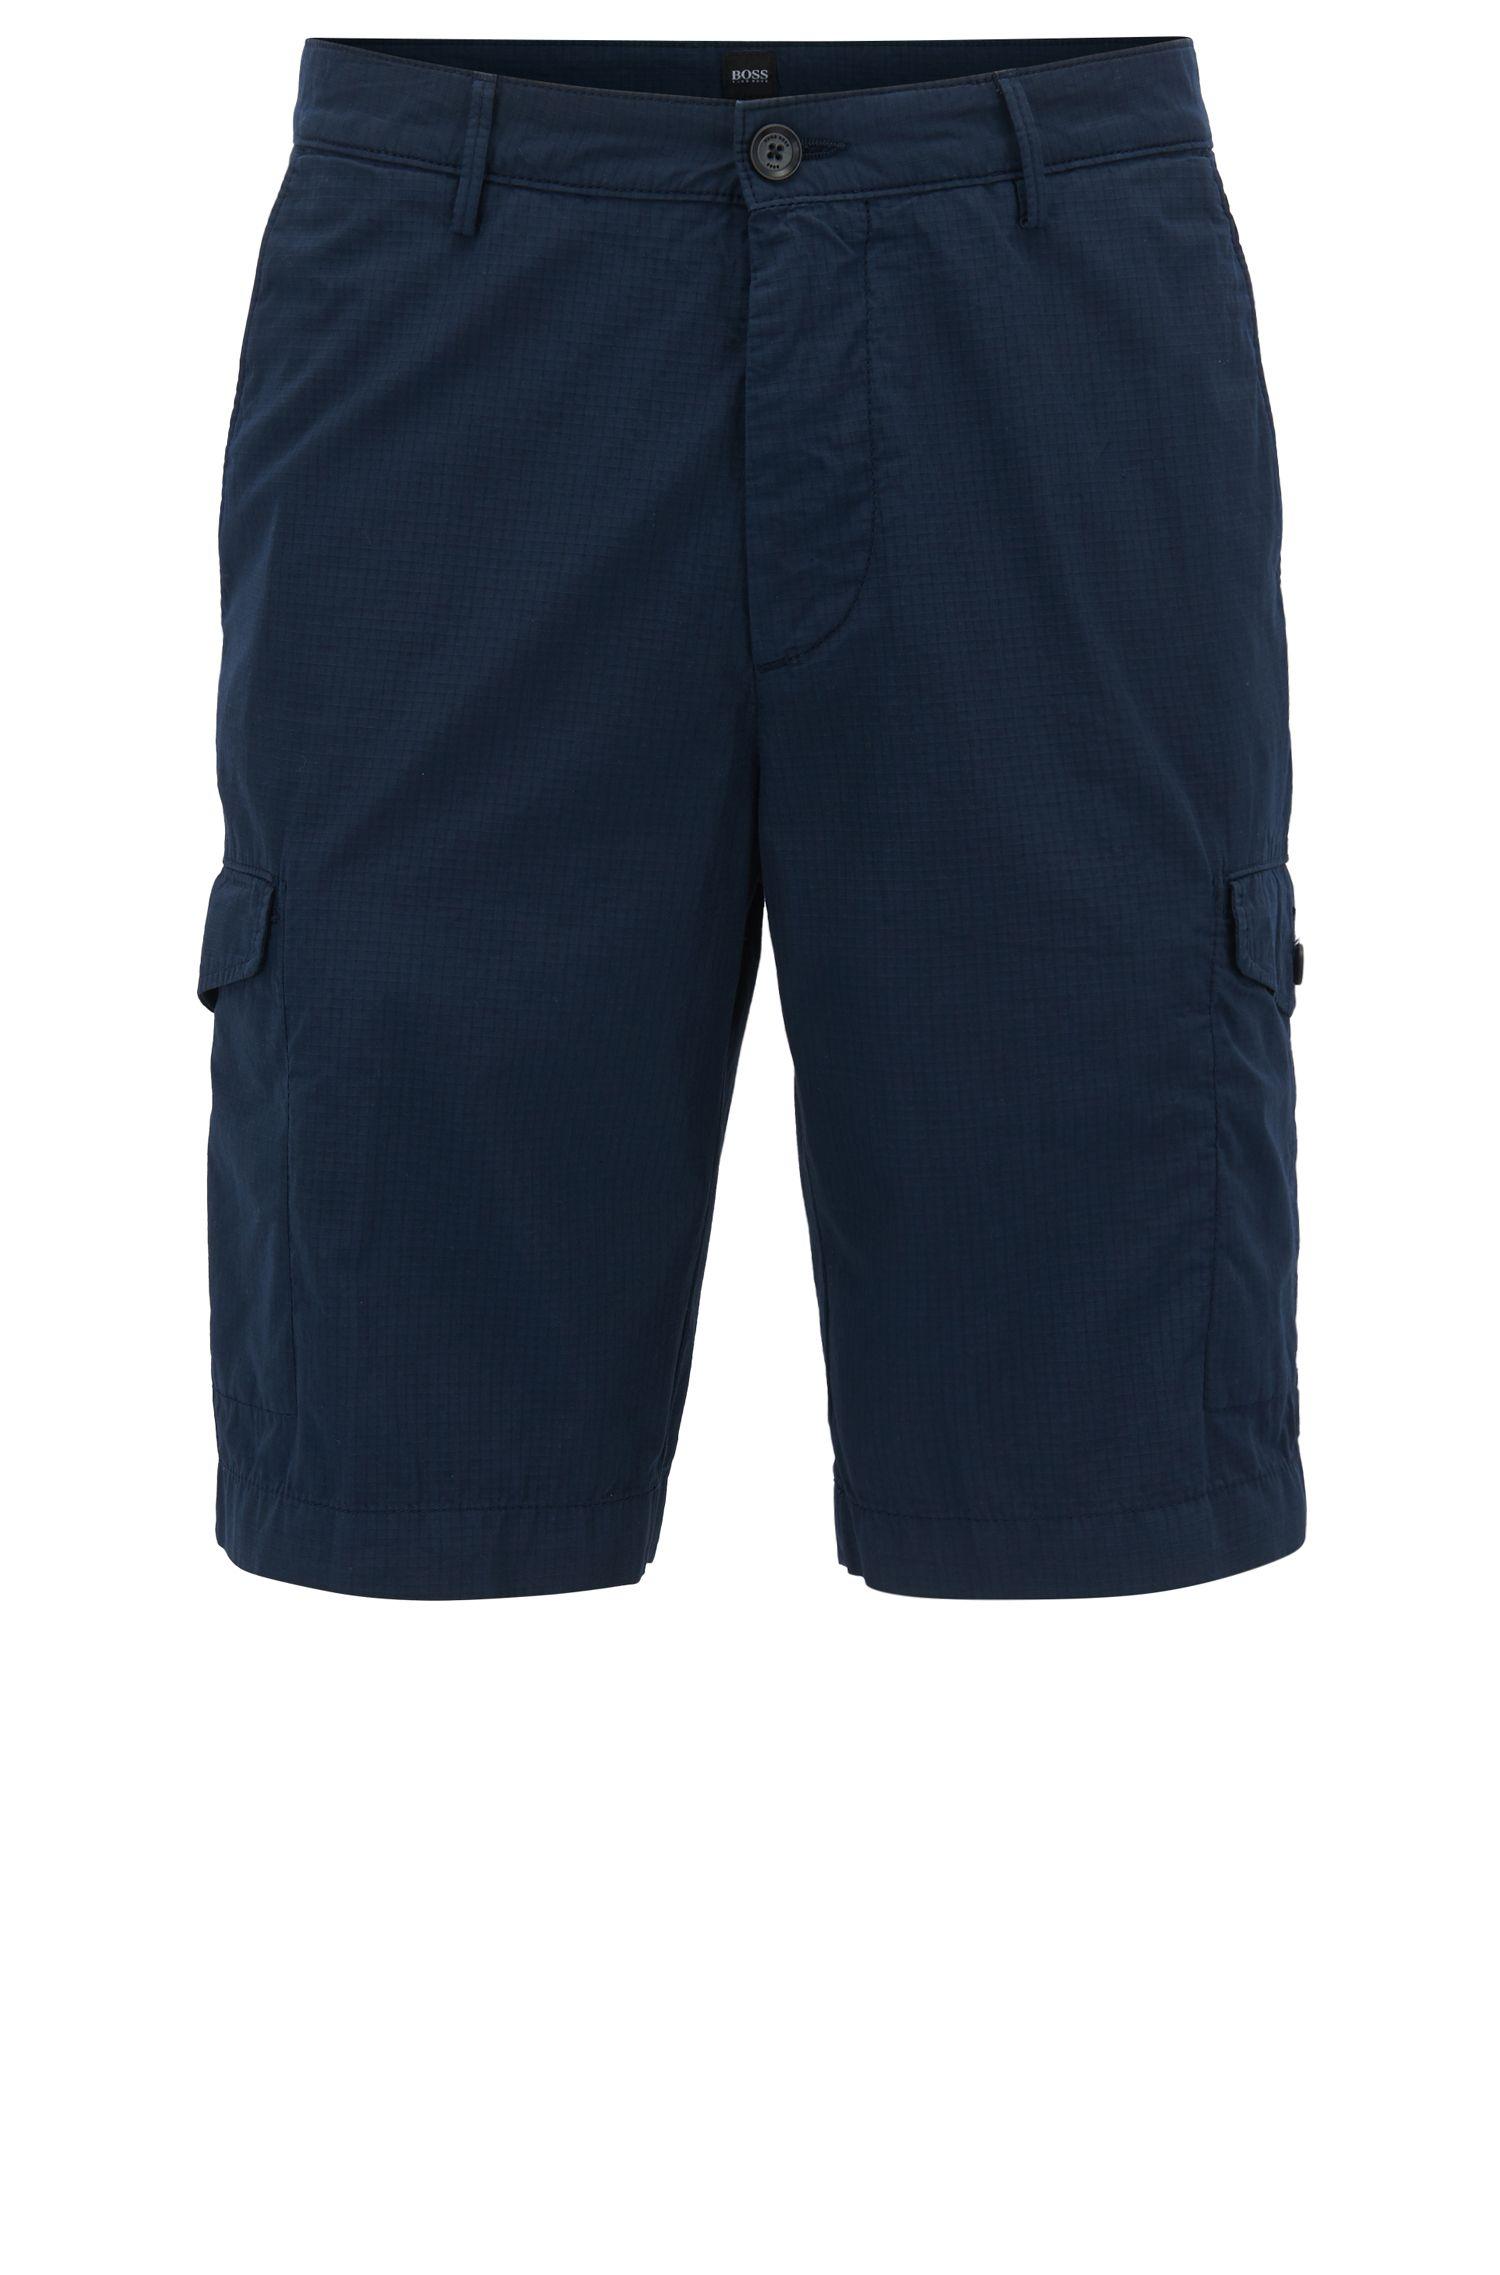 Pantaloncini cargo in cotone ripstop realizzato in Italia